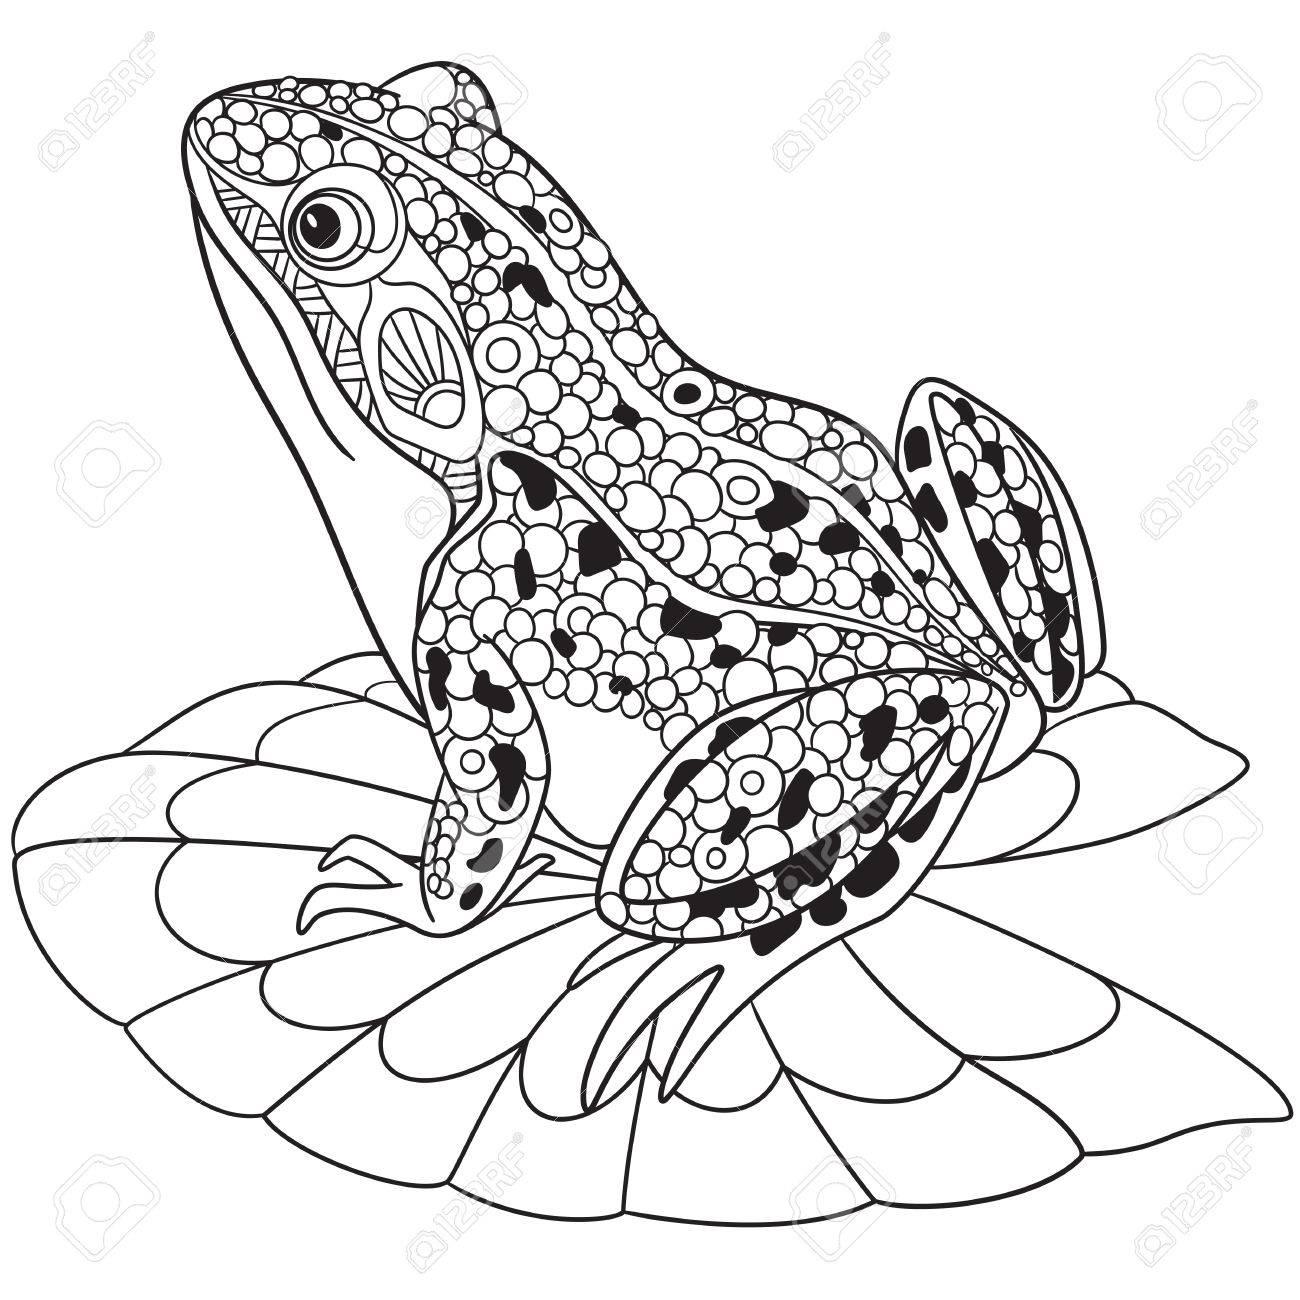 1300x1300 Stylized Cartoon Frog, Clip Art Libres De Droits , Vecteurs Et